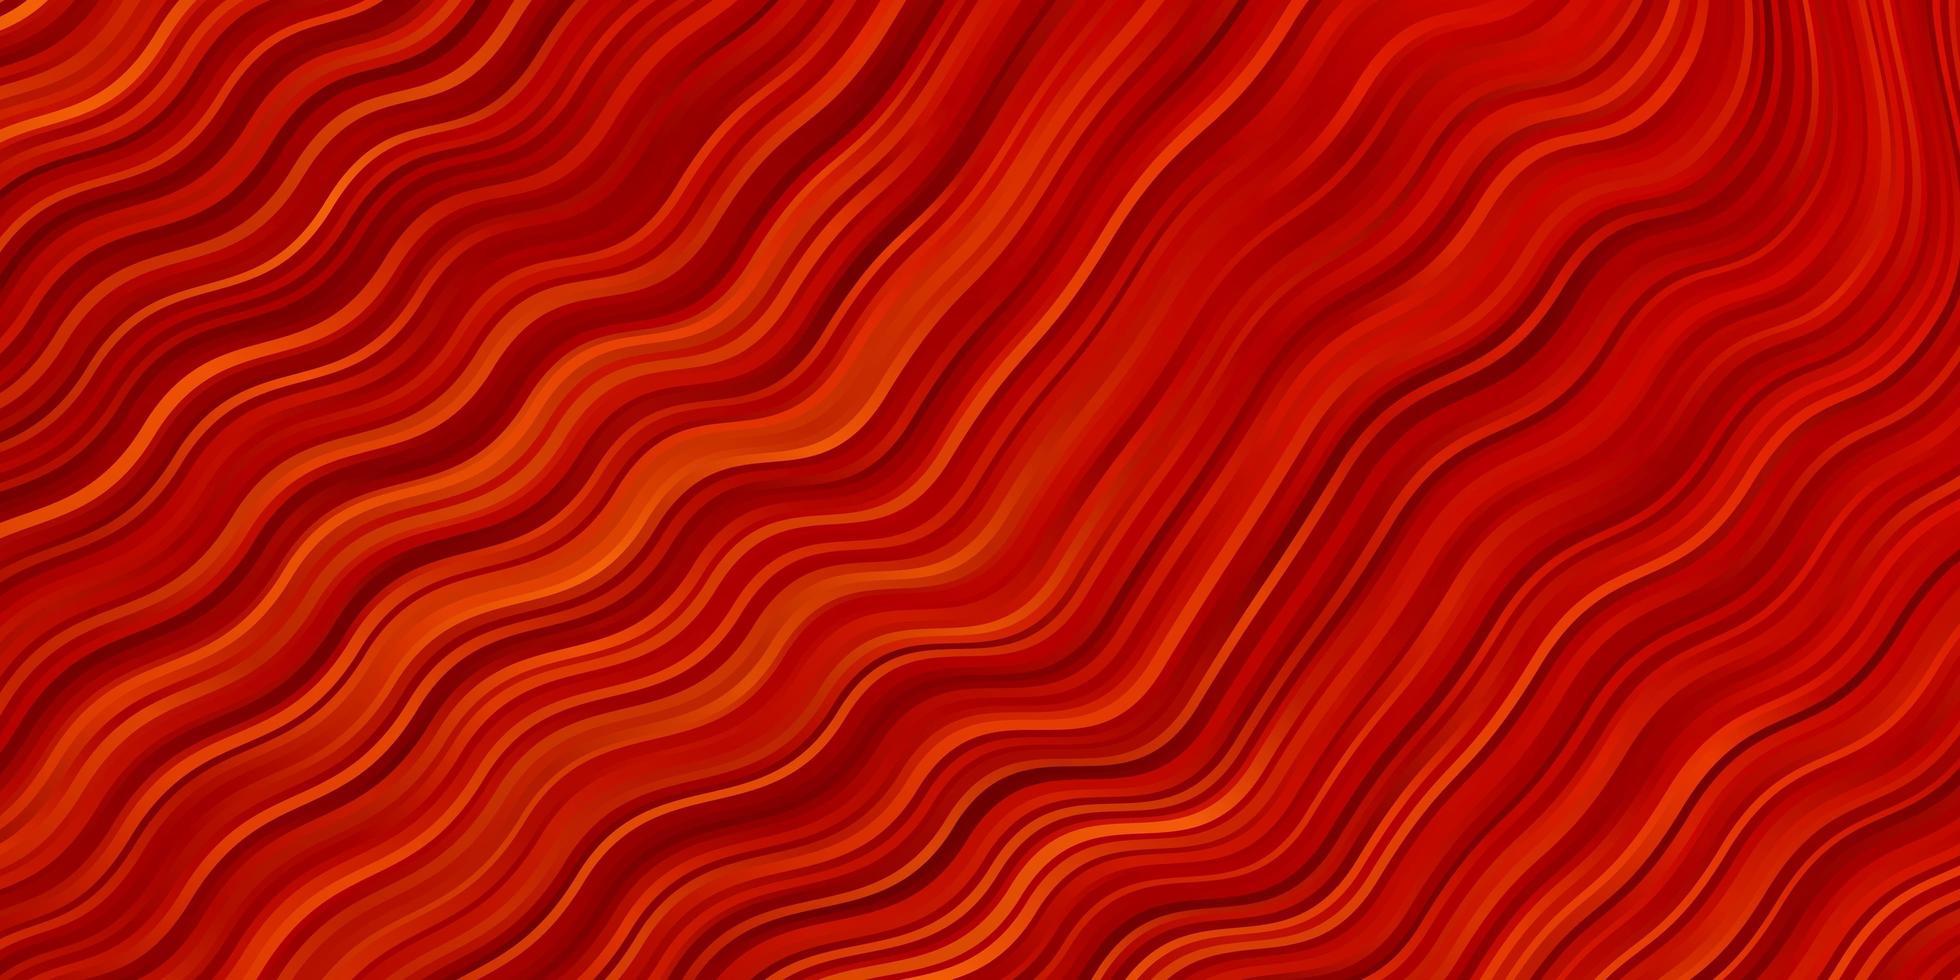 padrão de vetor vermelho claro com linhas curvas.